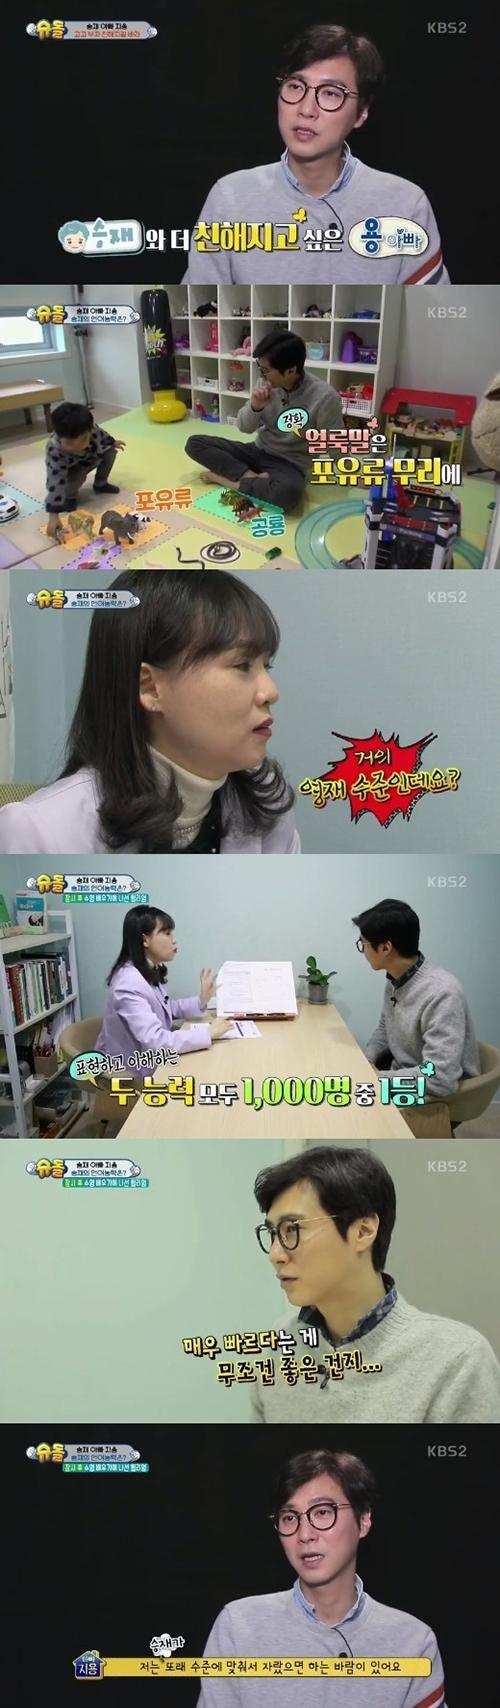 [사진]KBS 2TV 방송 캡처